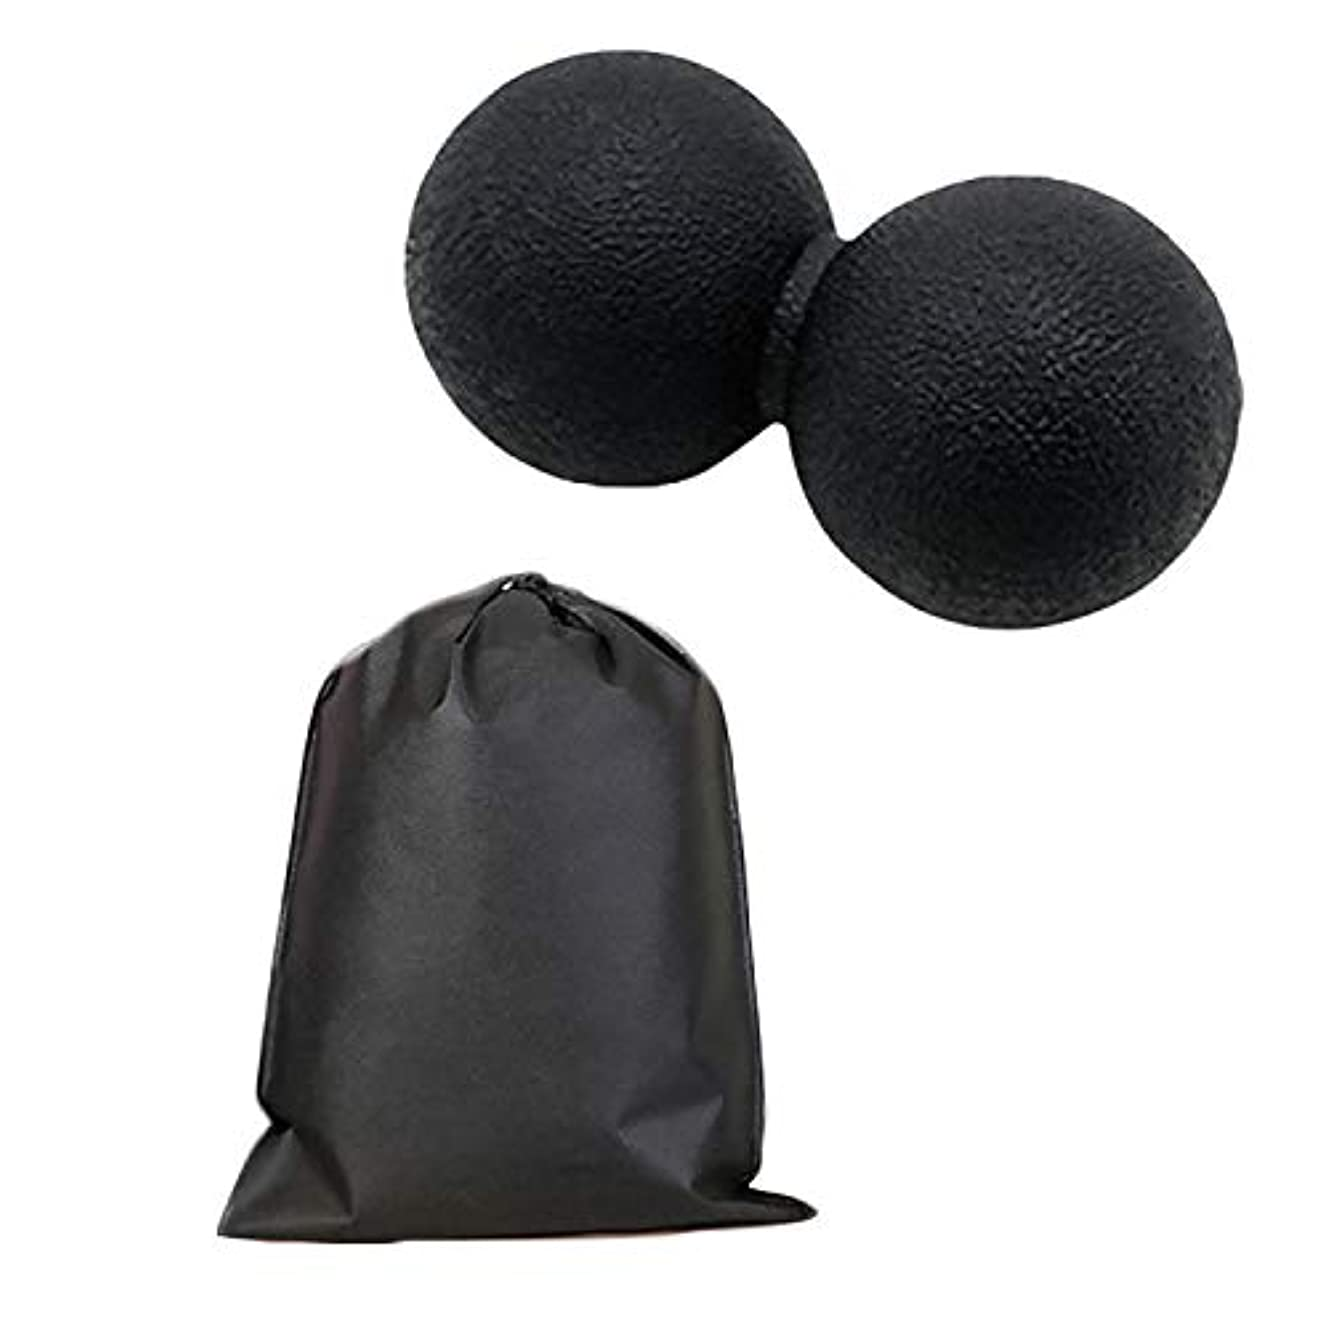 天気経過検閲Migavan マッサージボールローラーバックマッサージボール収納袋が付いているピーナツマッサージのローラーボールのマッサージャー